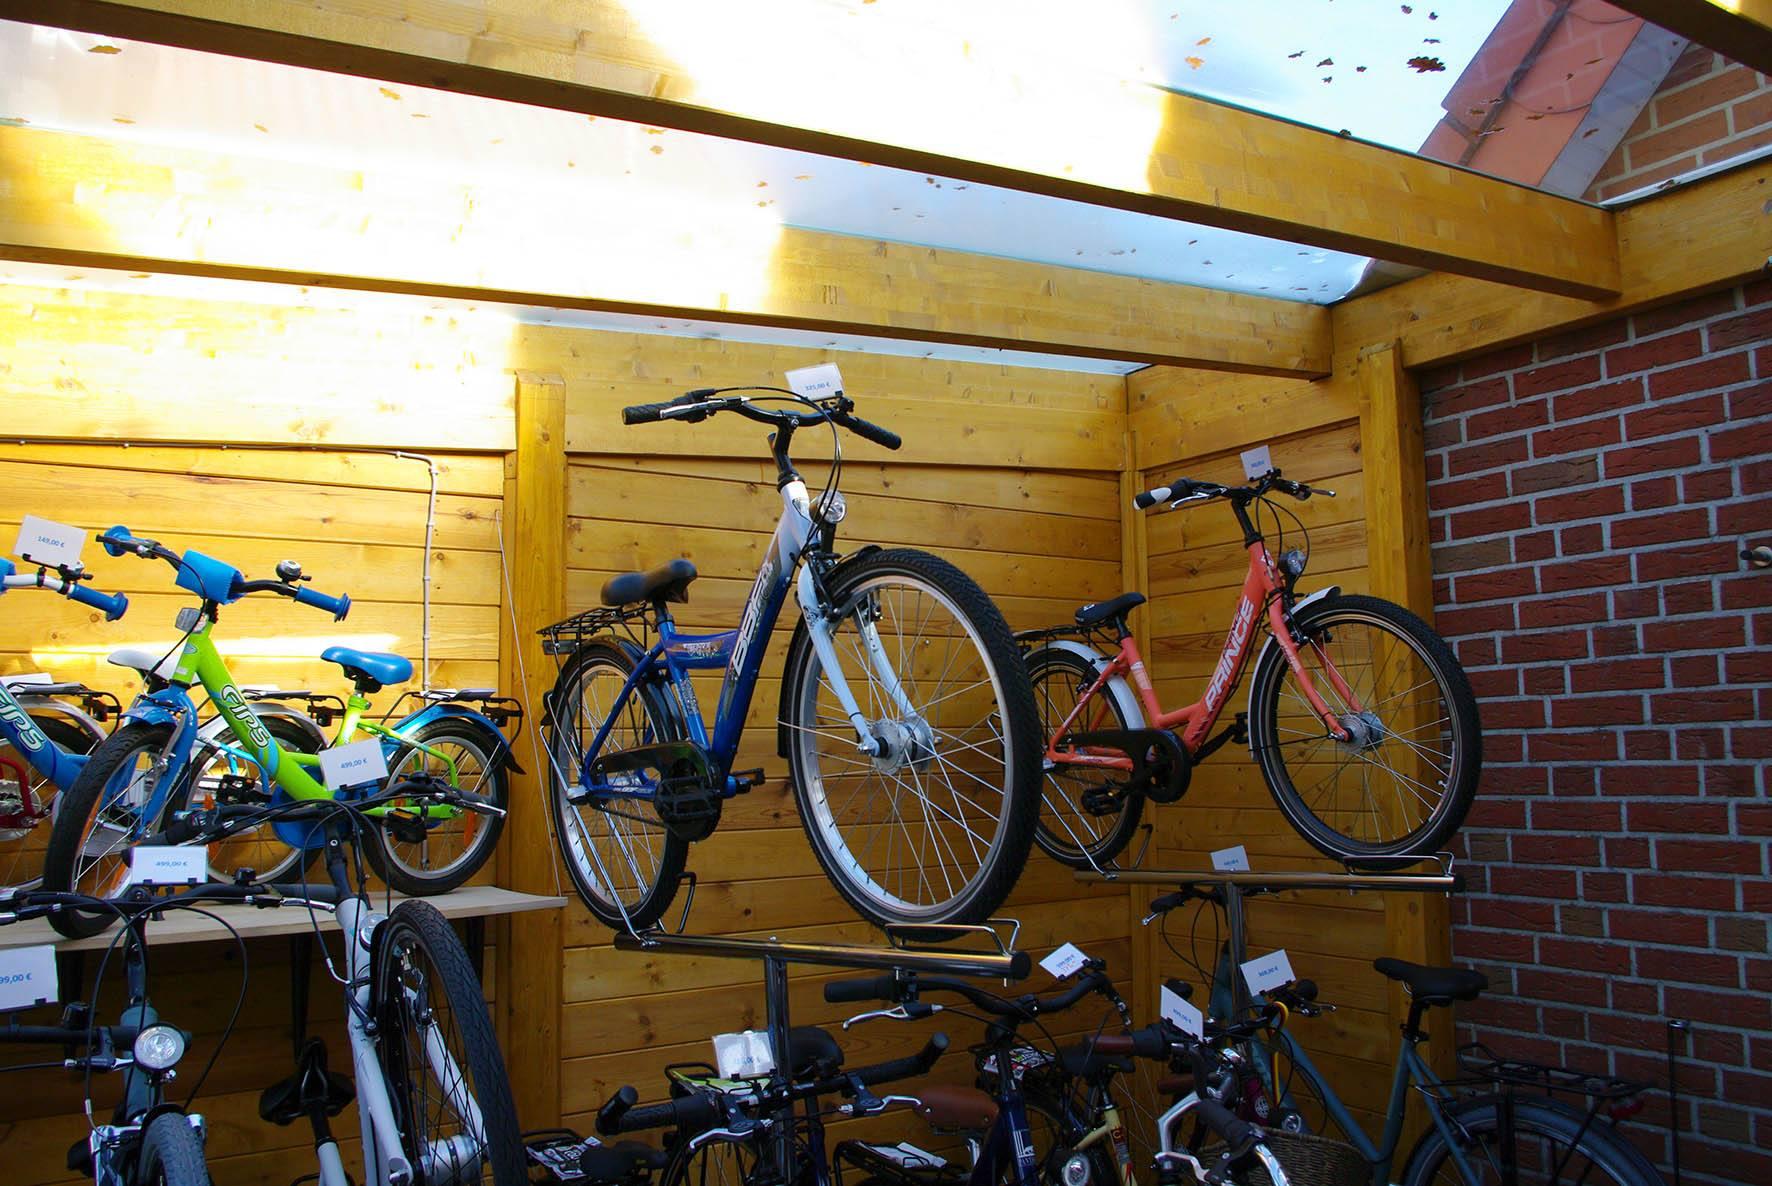 fahrrad aufbewahrung fahrradschuppen so bringen sie ihr fahrrad trocken und sicher unter